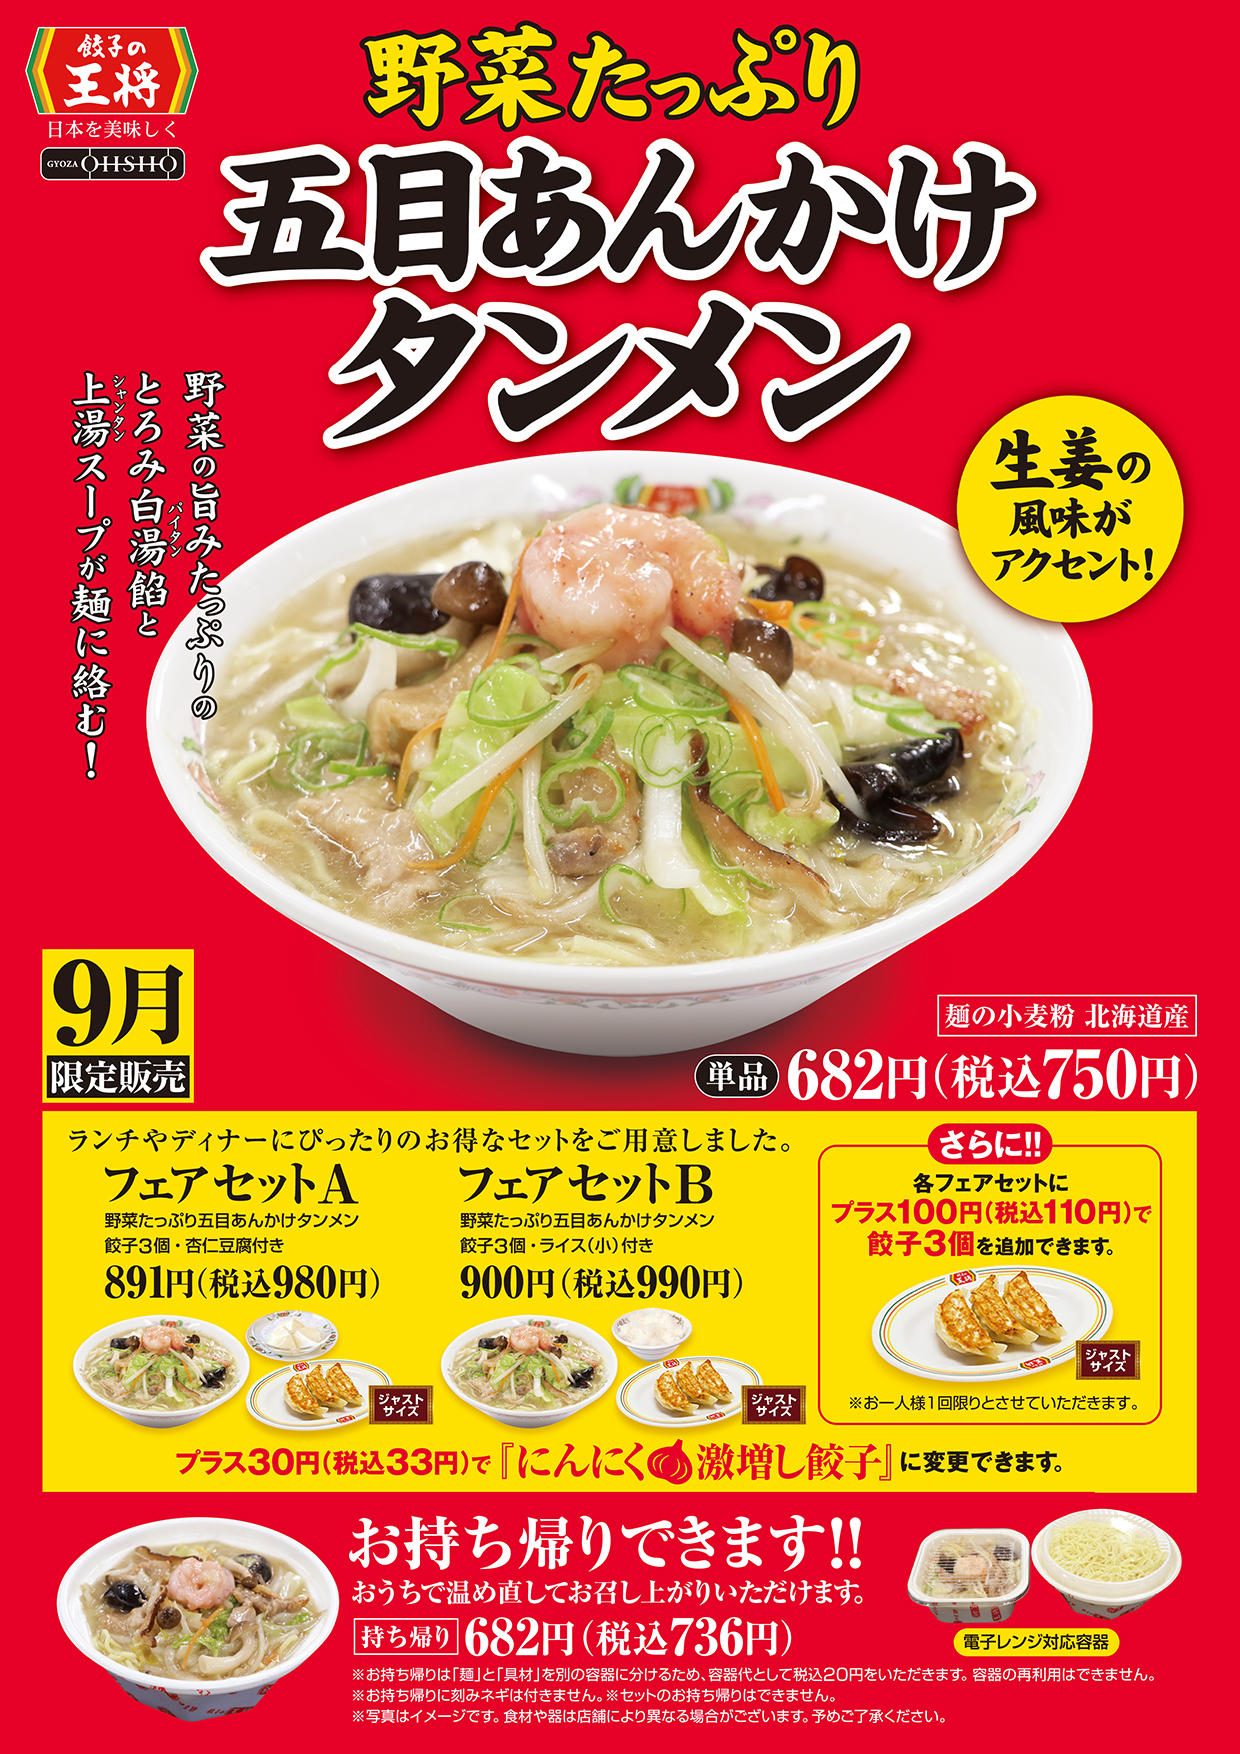 野菜たっぷり五目あんかけタンメン